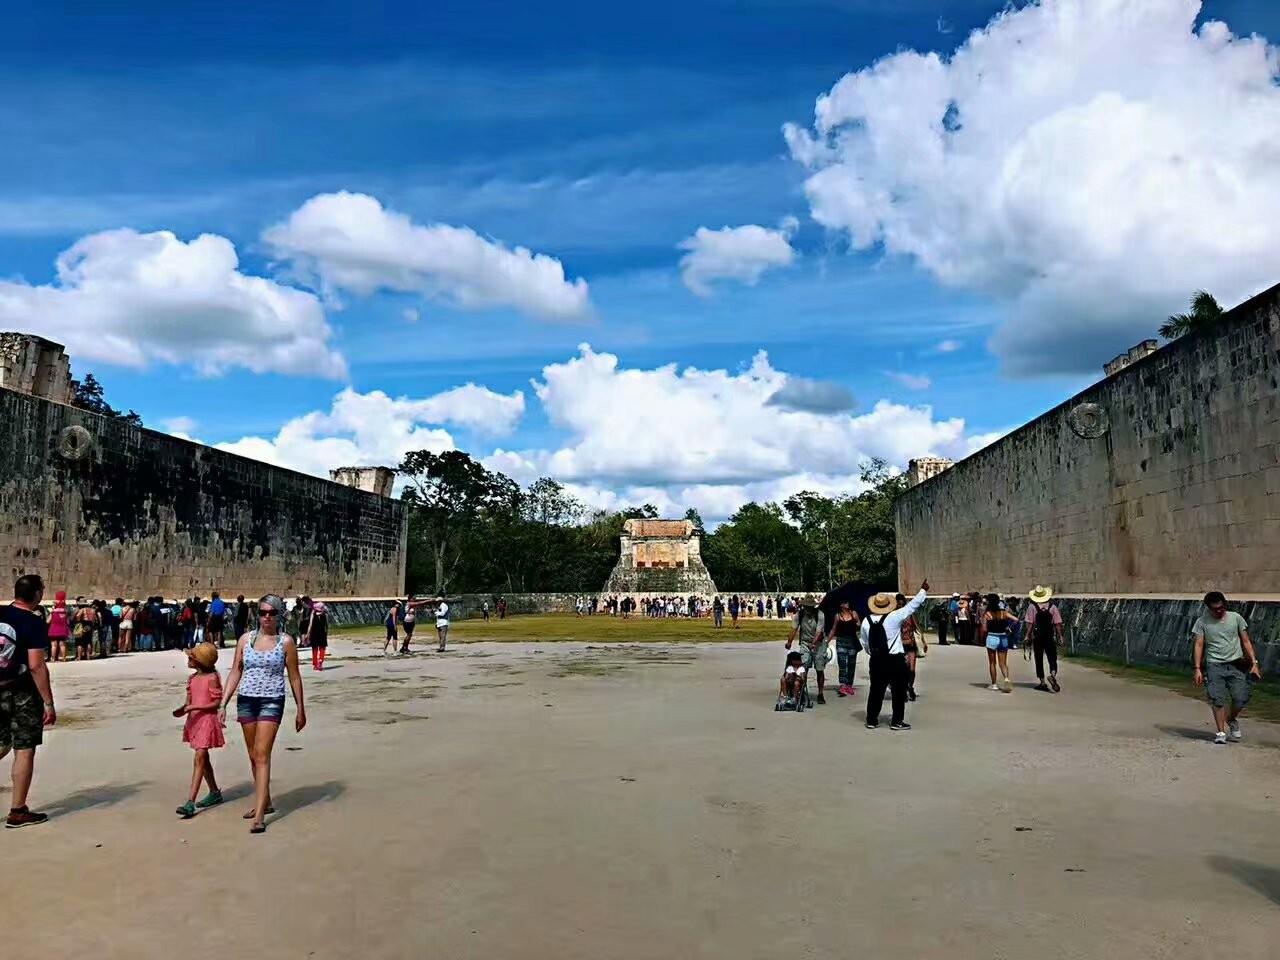 墨西哥奇琴伊察玛雅文化遗迹(图)_图1-11